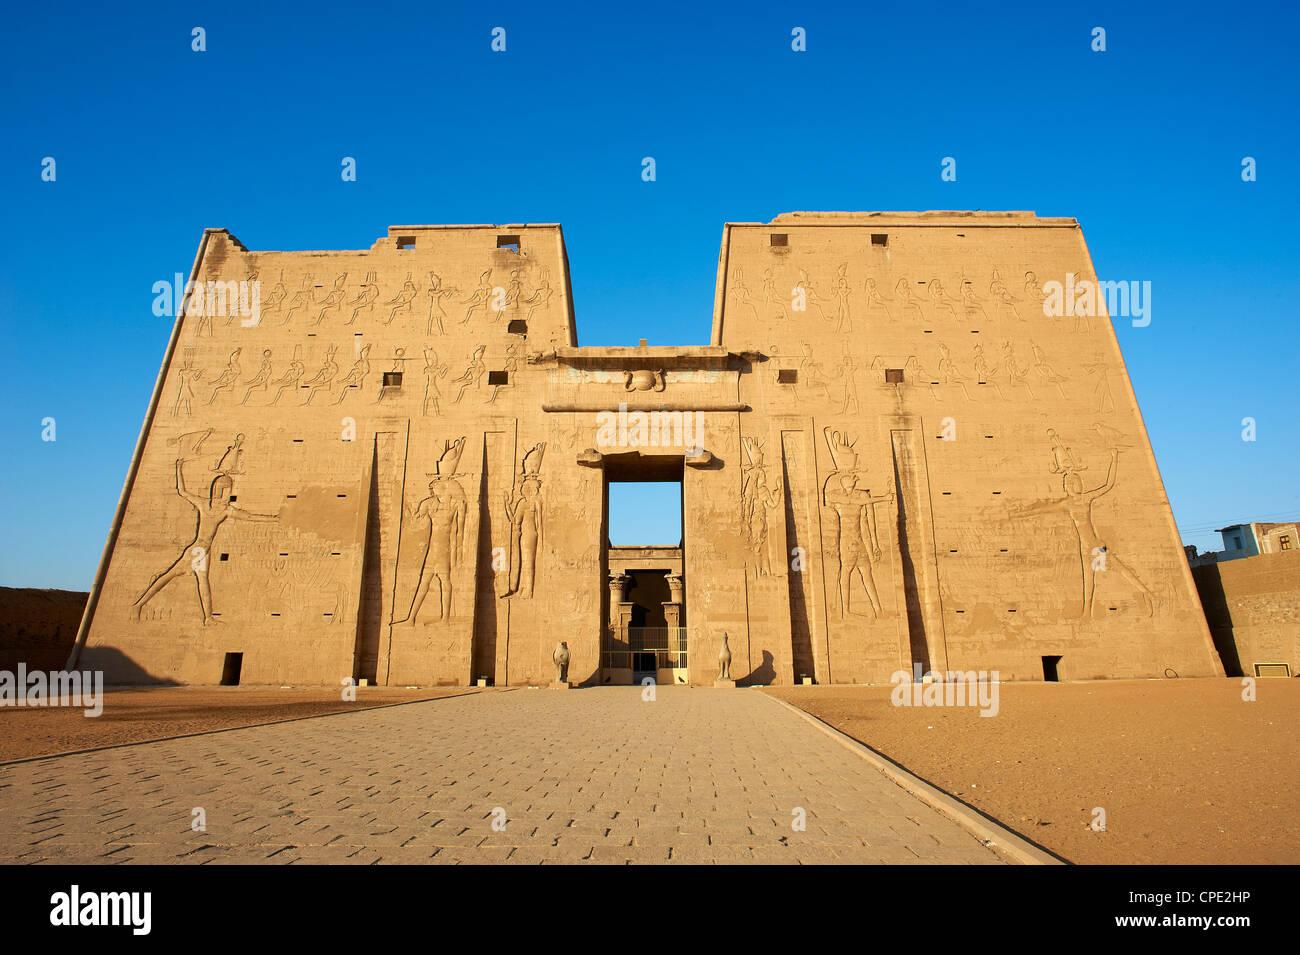 Pilono, templo de Horus, Edfu, Egipto, el Norte de África, África Imagen De Stock